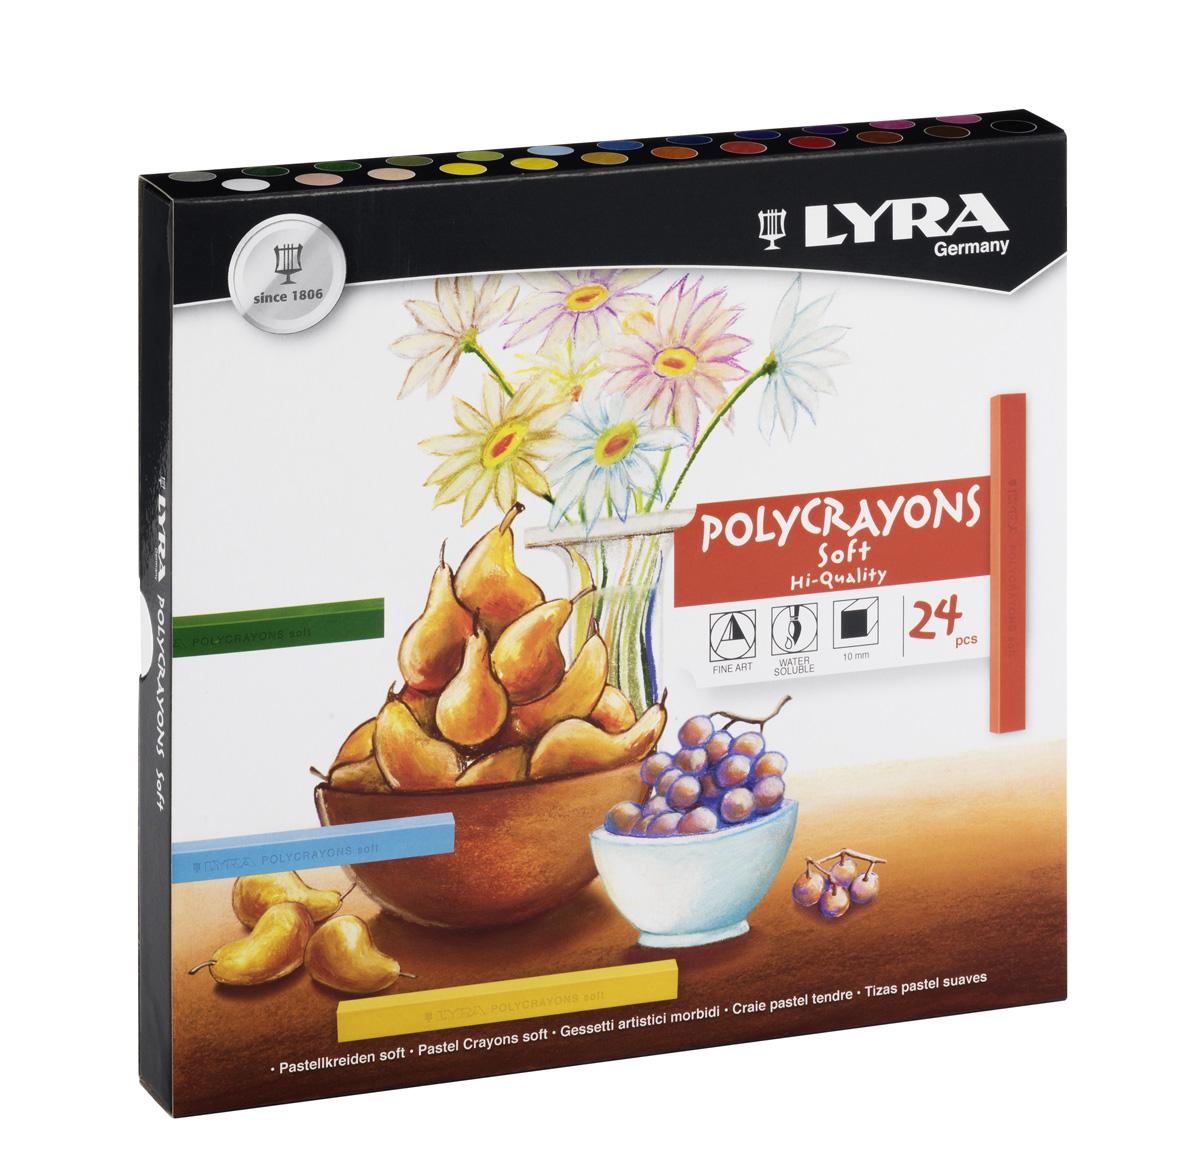 Lyra Пастель сухая Polycrayons 24 цветаL1240Набор пастельных мелков Lyra Polycrayons создан для художественного и графического творчества и отлично подходит как для профессионалов, так и для начинающих художников.Четырехгранные разноцветные мелки имеют высокую прочность, не крошатся и не ломаются.Обладают необыкновенной яркостью и стойкостью благодаря высокой степени пигментации.Мелки растворяются в воде и легко смешиваются, что позволяет создавать неограниченное количество оттенков в различных комбинациях.Длина 70 мм, диаметр 10 мм.Возраст: от 3-х лет.